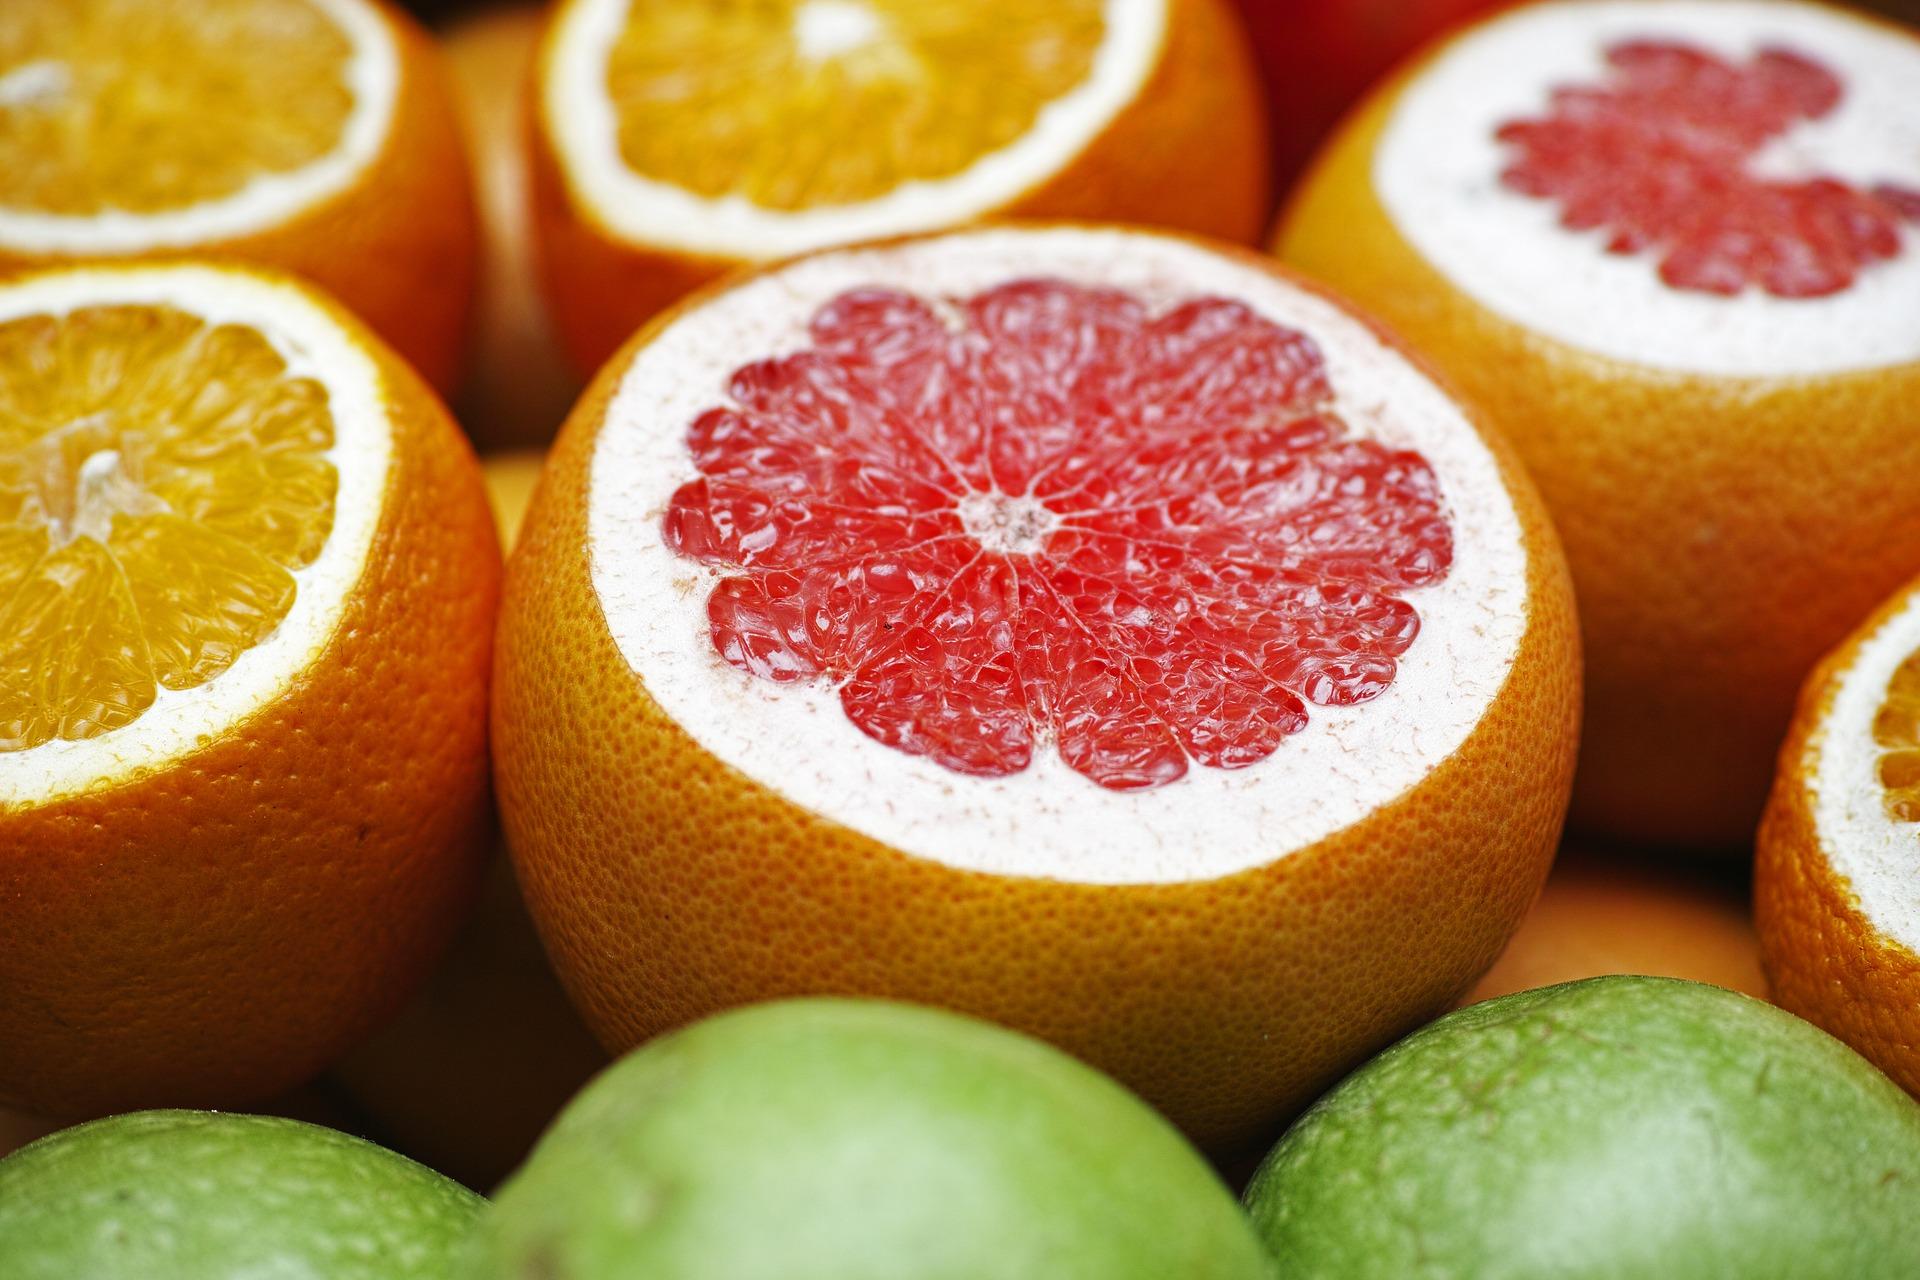 Medea Estilistas - Tratamiento de Vitamina C. - Medea Estilistas